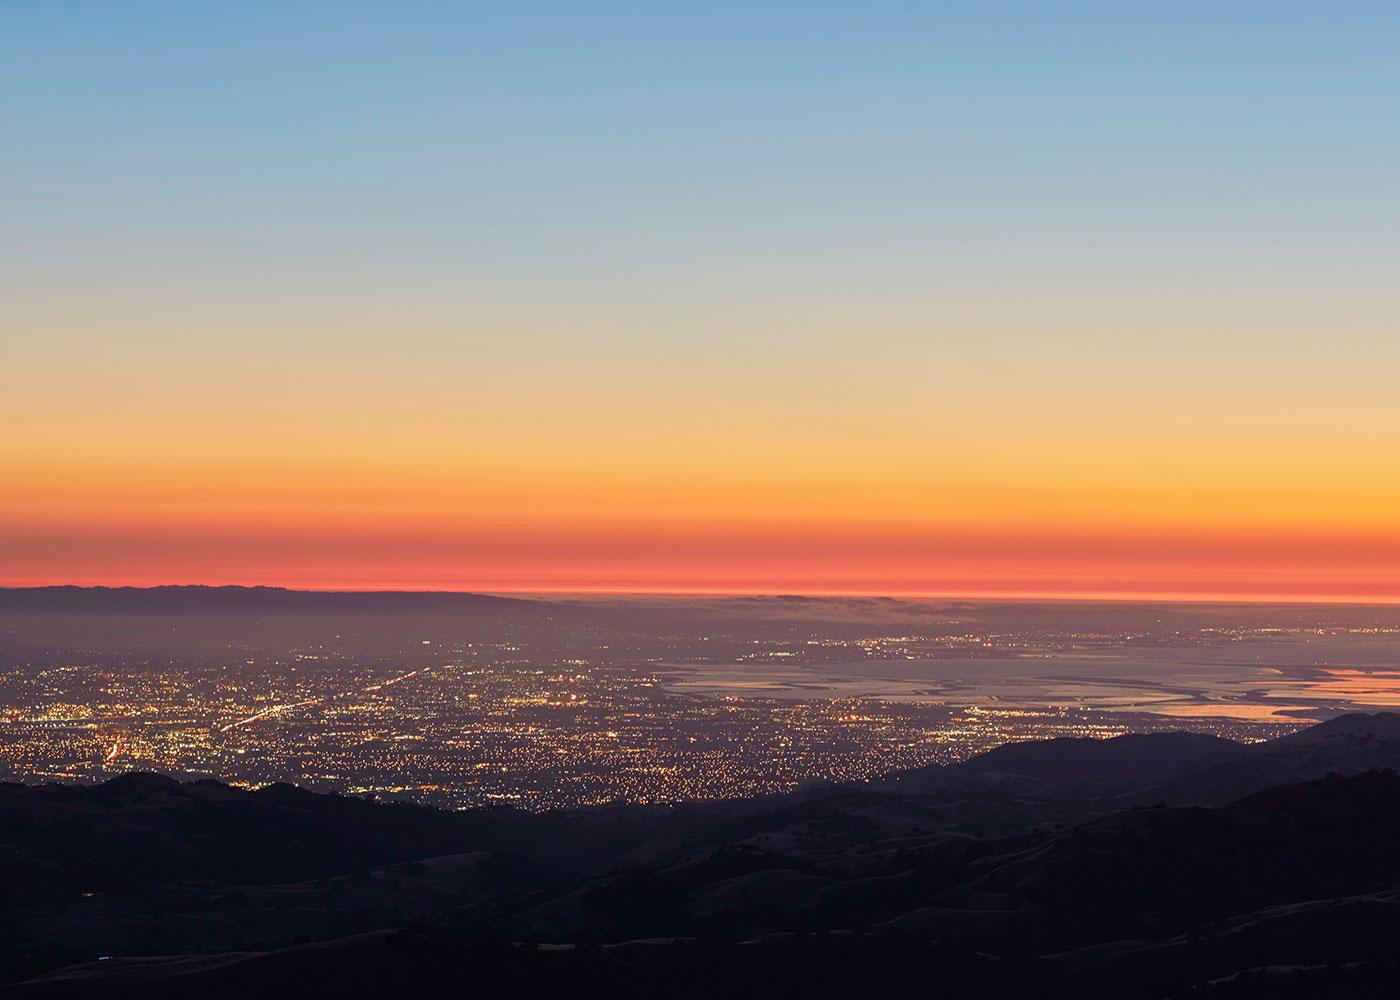 Blicke über das Silicon Valley, Bay Area.©Enno Kapitza/Agentur Focus